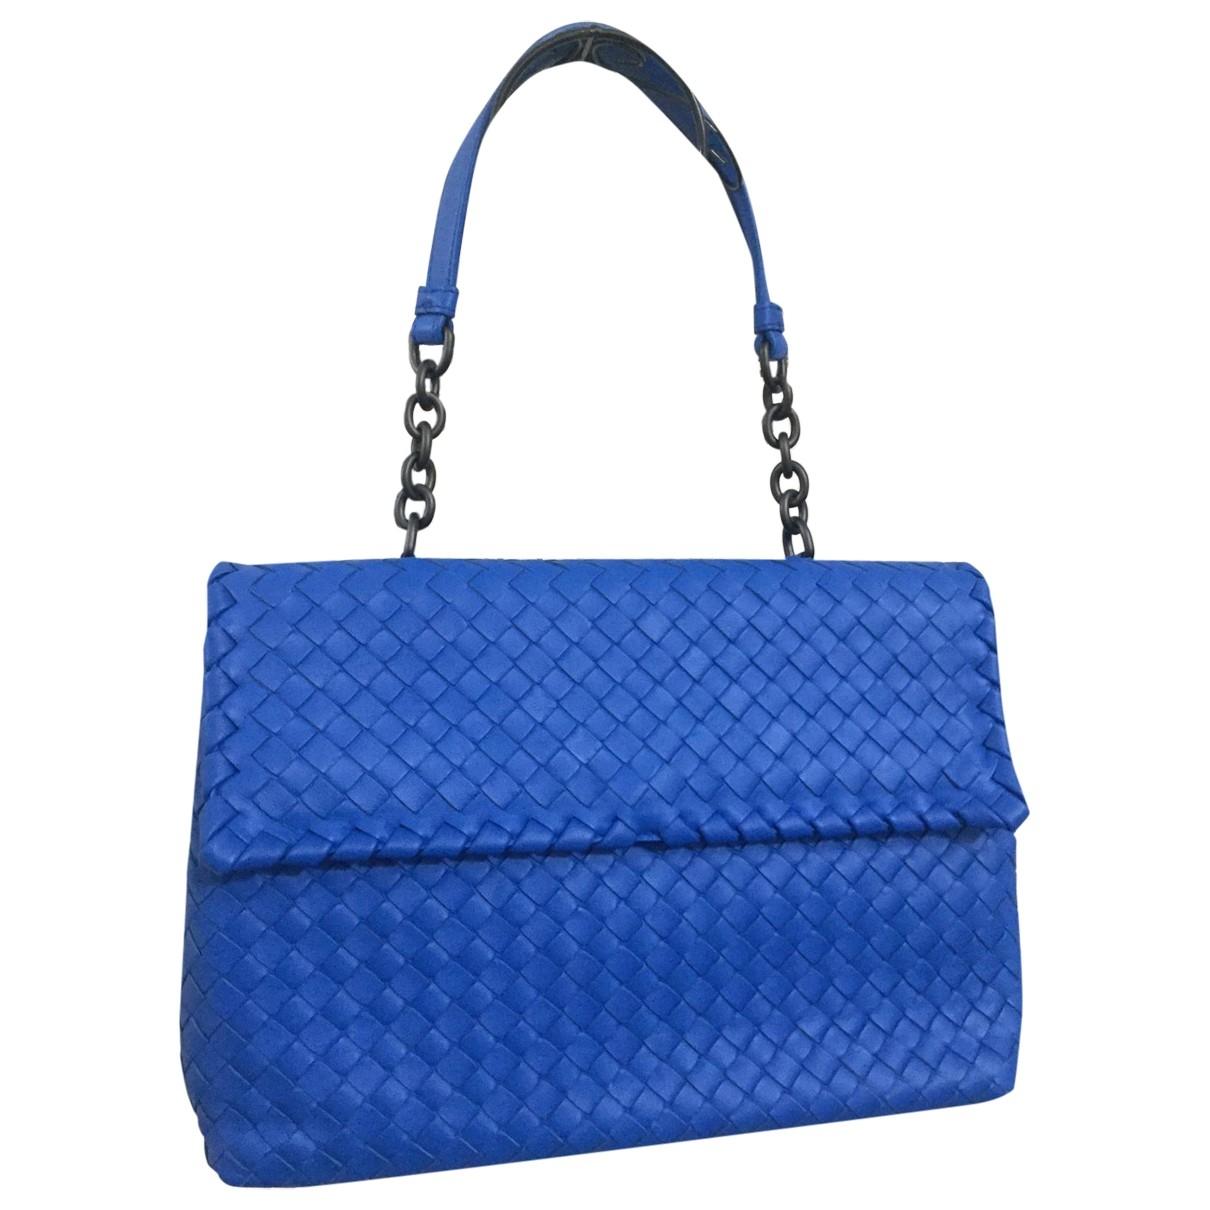 Bottega Veneta Olimpia Handtasche in  Blau Leder